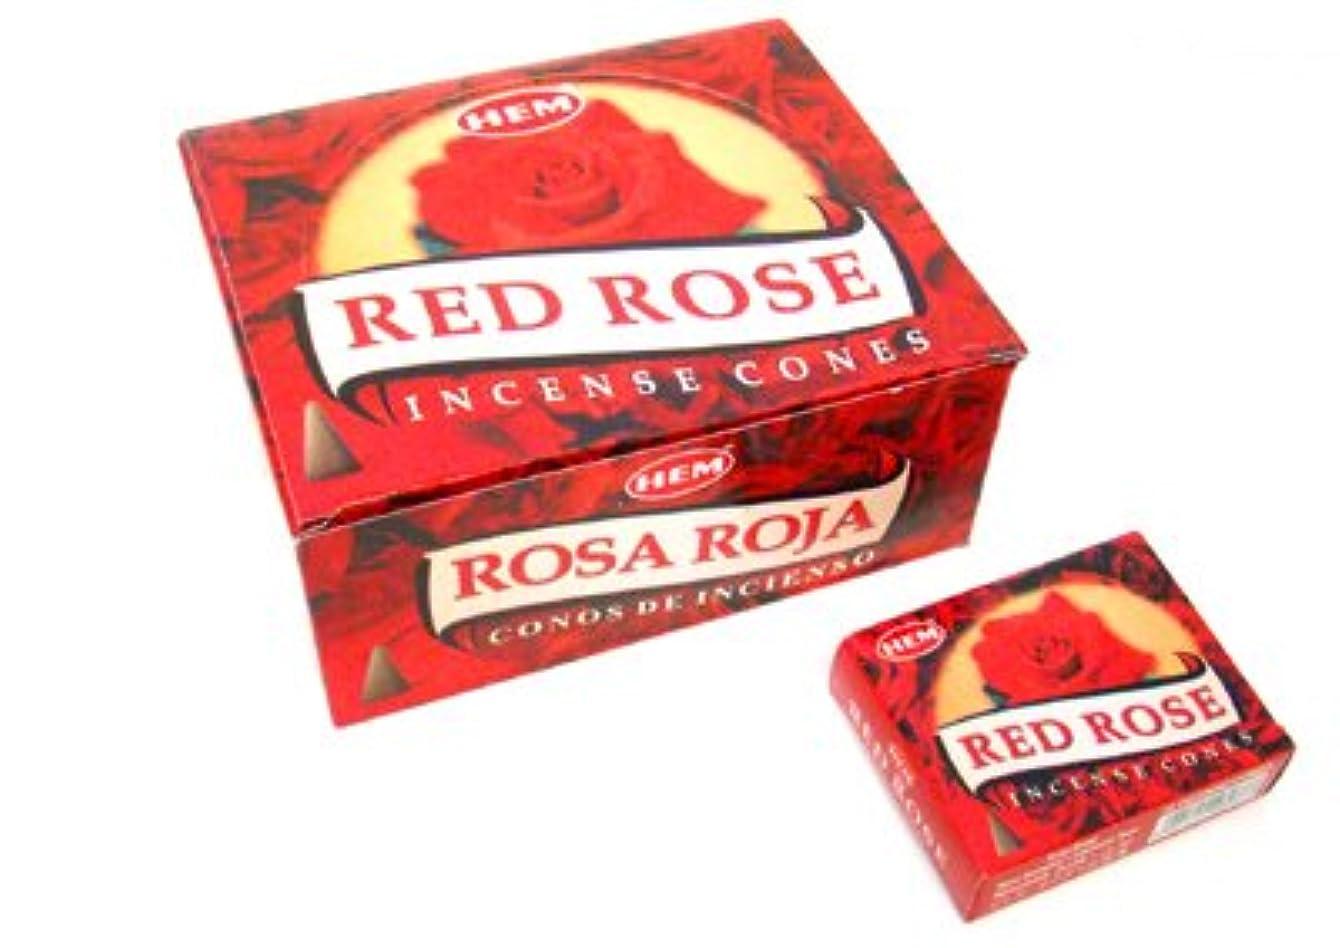 捕虜ハードウェア繰り返しHEM(ヘム) レッドローズ香 コーンタイプ REDROSE CORN 12箱セット